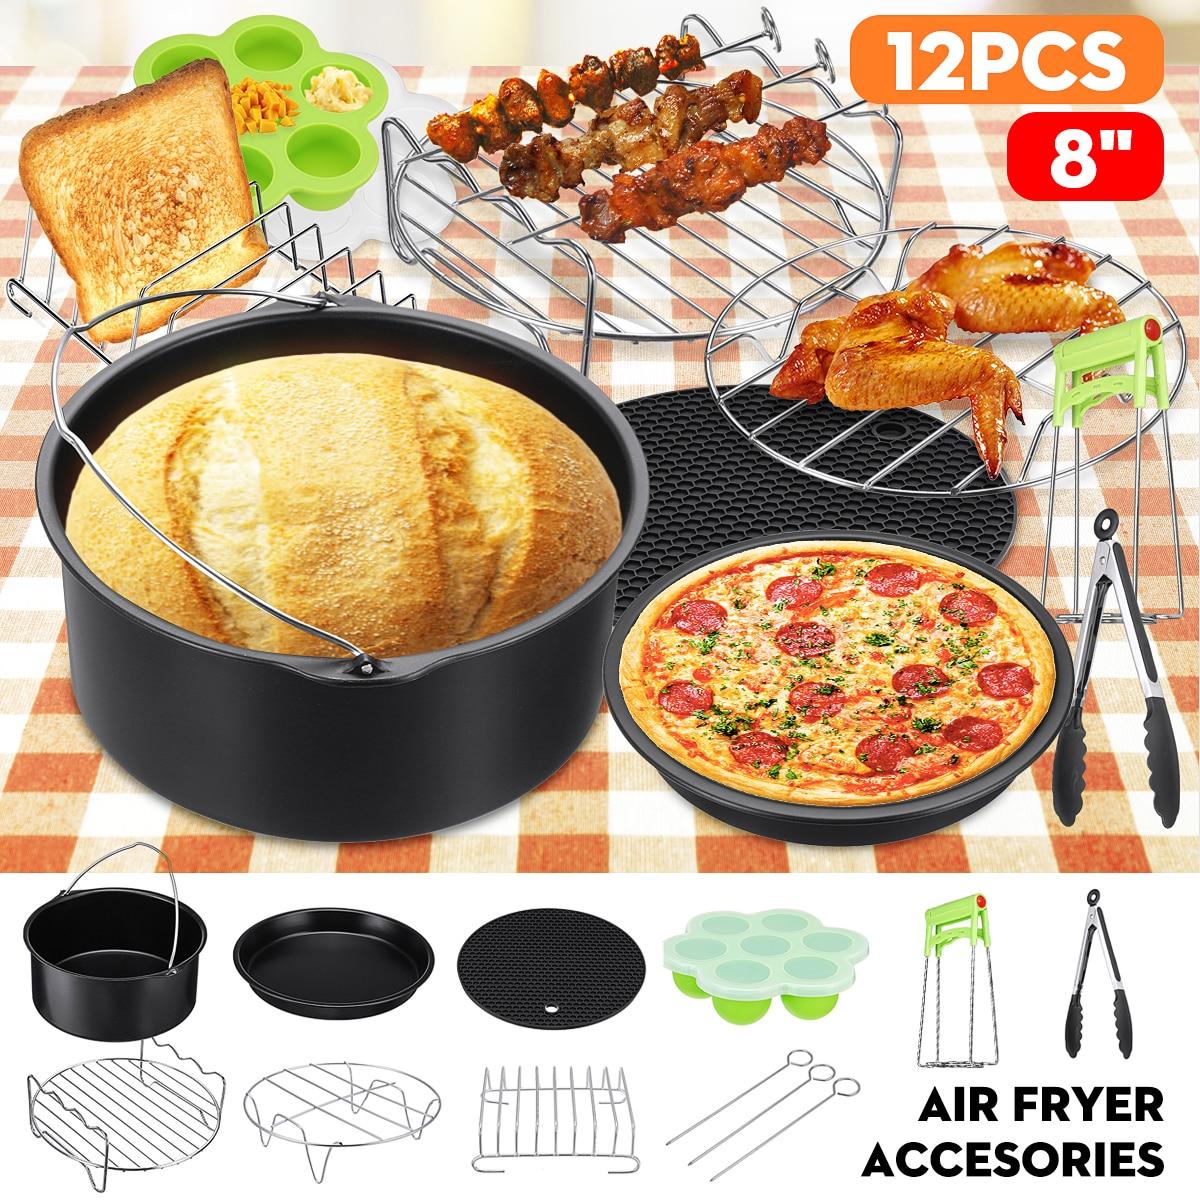 عدد 12 قطعة/المجموعة/مجموعة ملحقات مقلاة هوائية بطول 8 بوصات أدوات طهي منزلية للمطبخ لأغراض الشواء والخبز والطبخ والمقبلات الهوائية 4.2-6.8QT